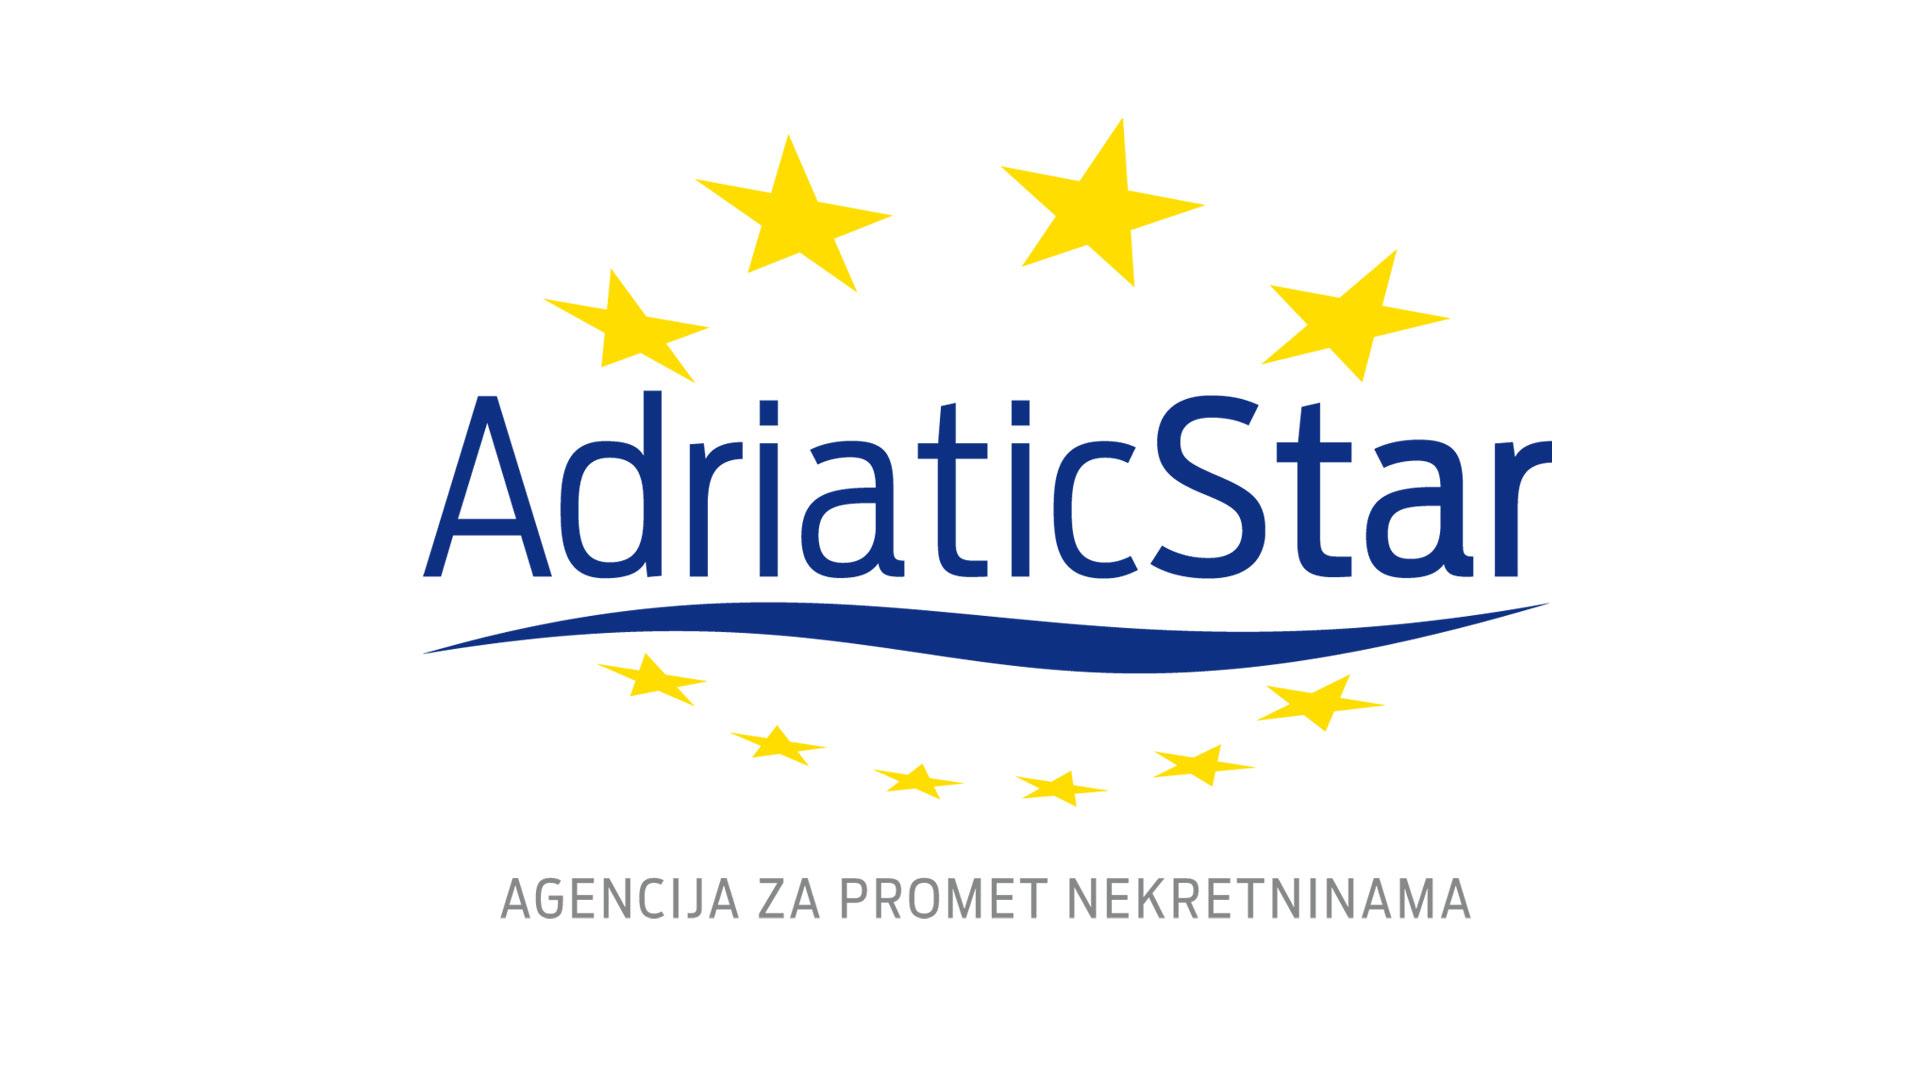 Logotip agencije za promet nekretninama